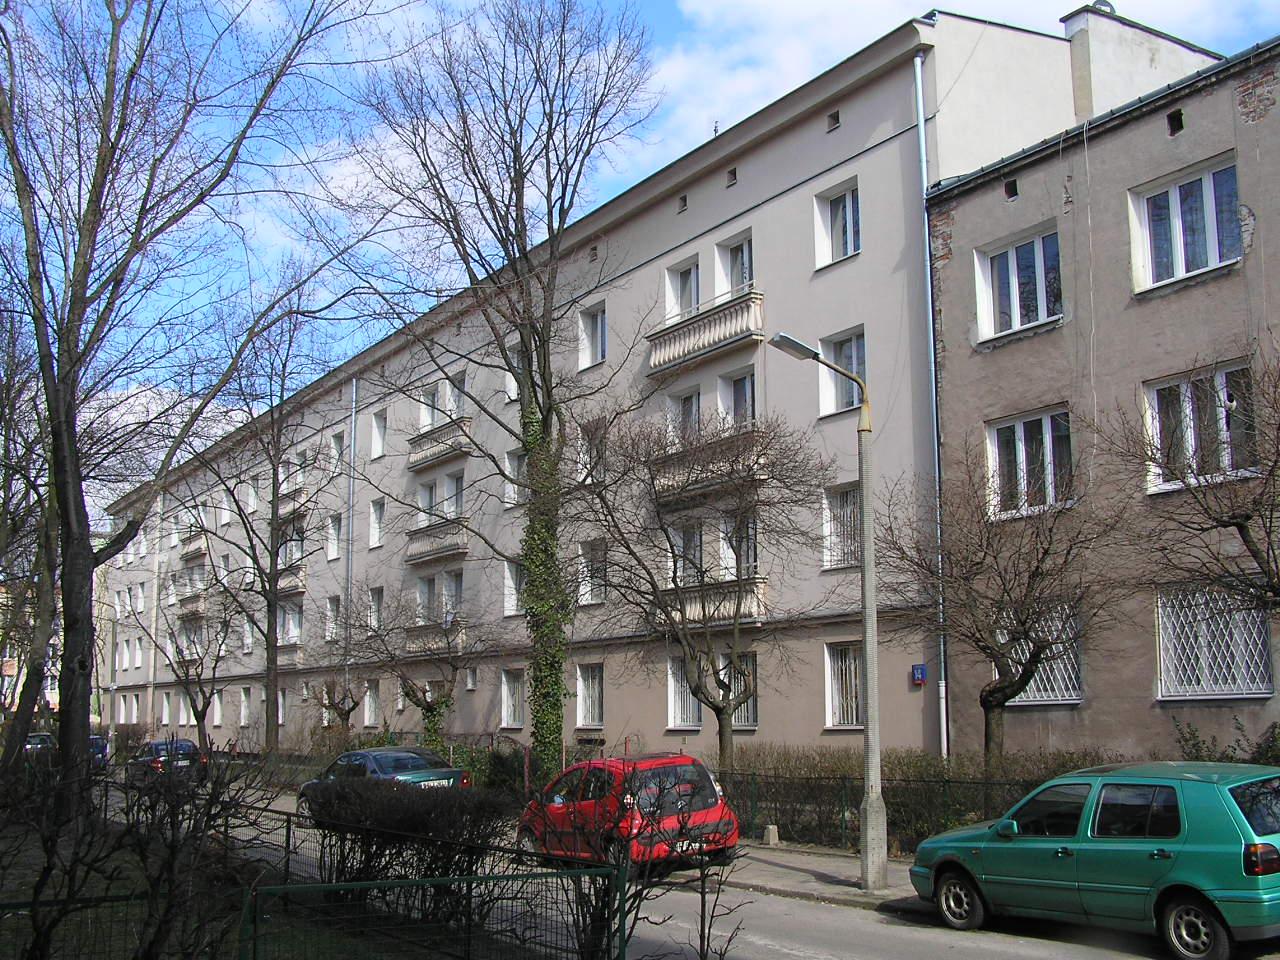 Budynek przy ulicy Rębkowskiej 14 na Grochowie